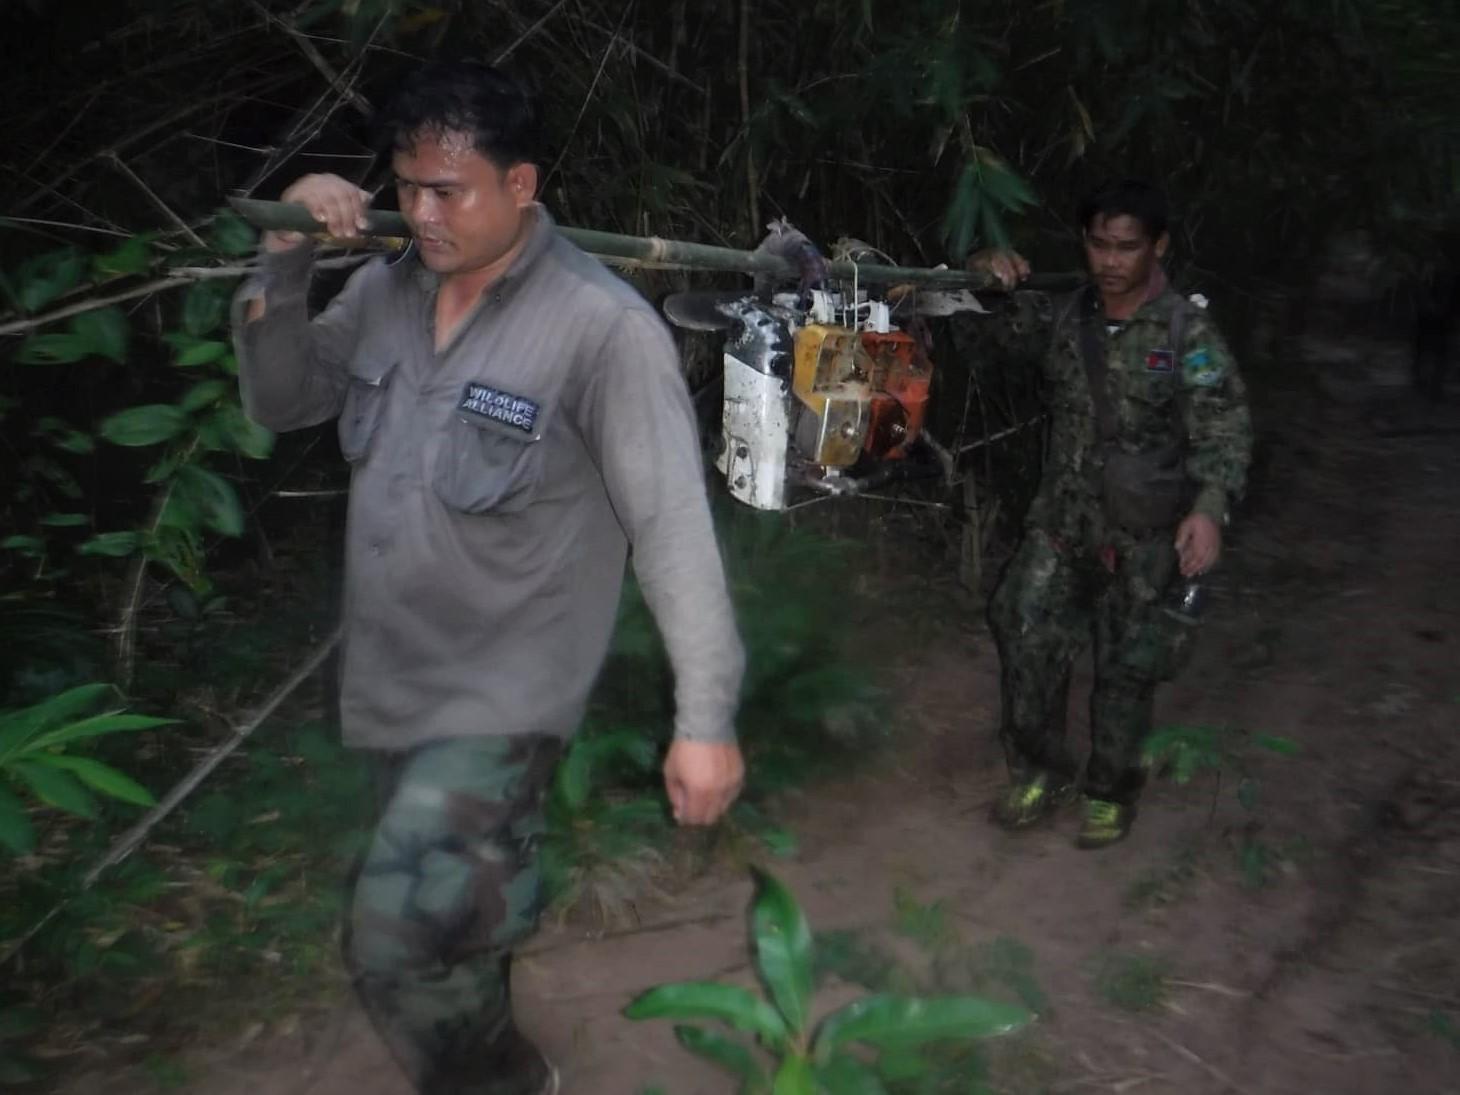 sponsor the clouded leopard station Sponsor the Clouded Leopard Station Illegal logging in Cambodia